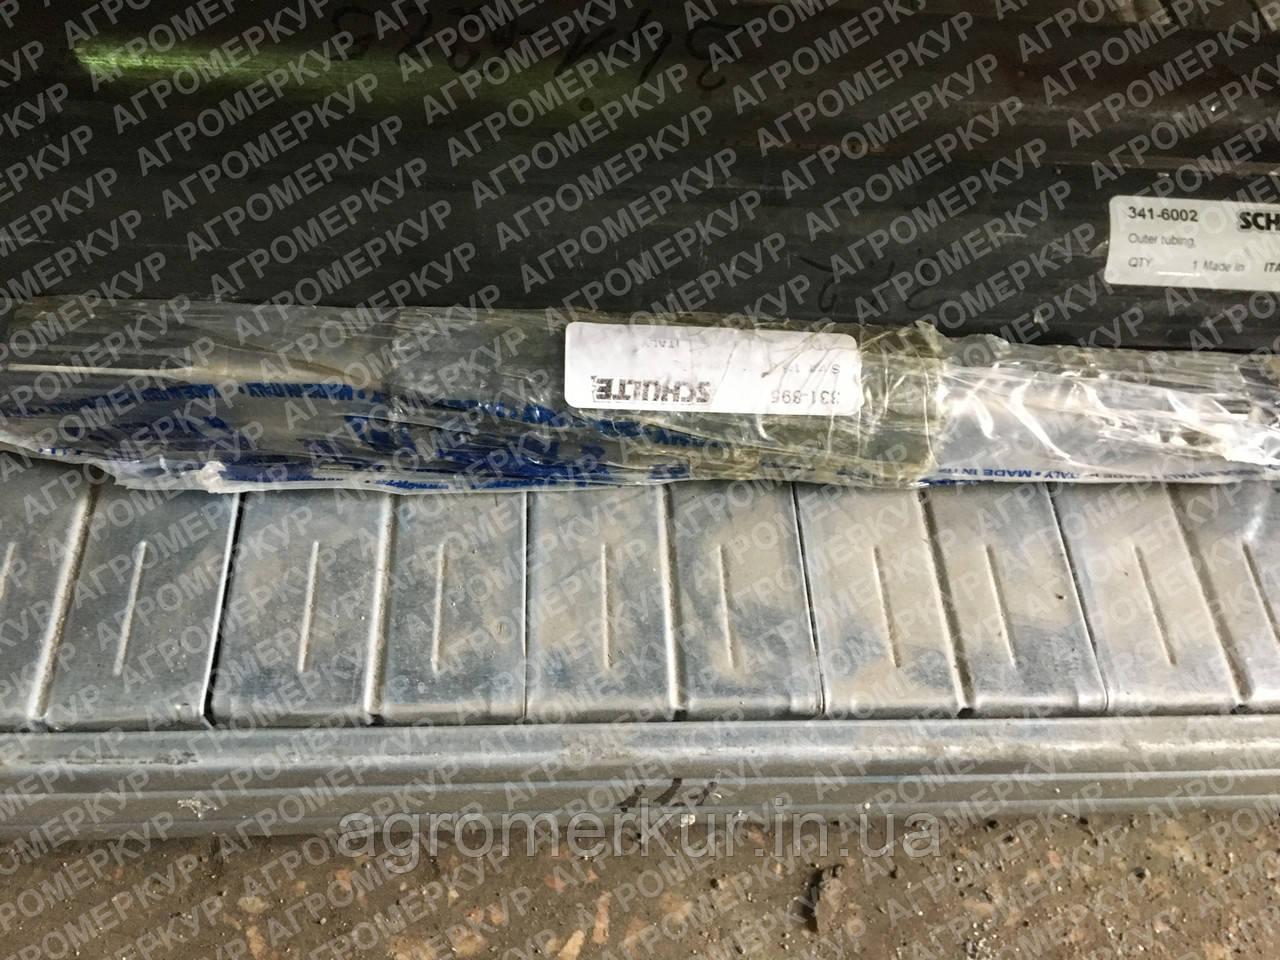 Труба зовнішня 341-6002 SCHULTE